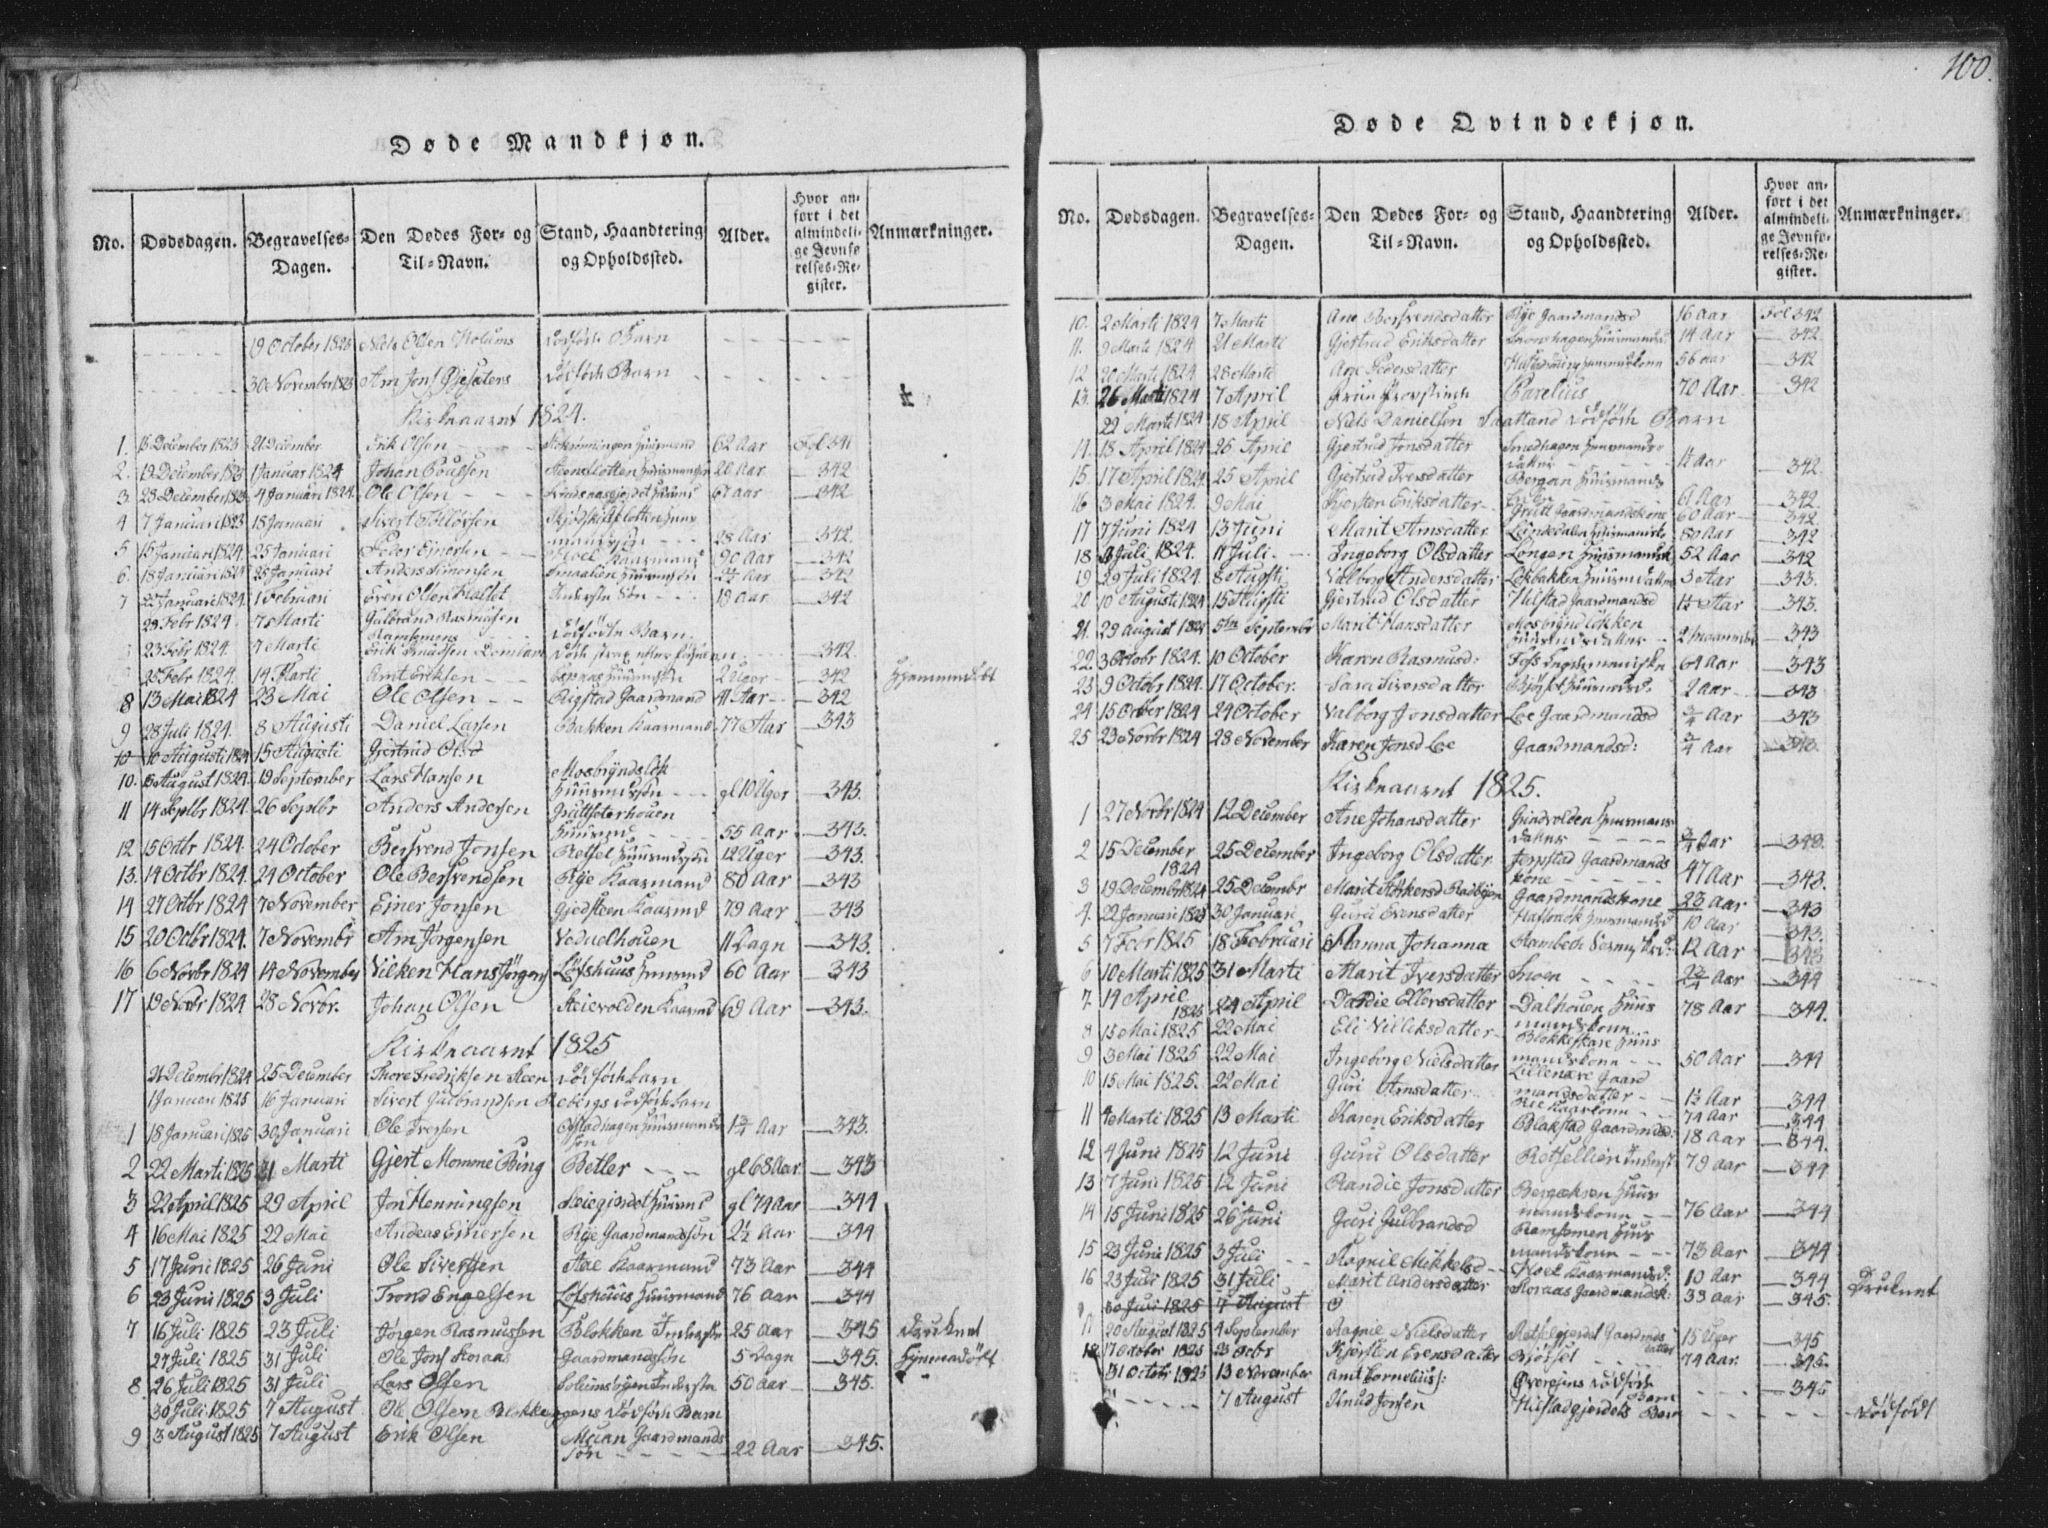 SAT, Ministerialprotokoller, klokkerbøker og fødselsregistre - Sør-Trøndelag, 672/L0862: Klokkerbok nr. 672C01, 1816-1831, s. 100